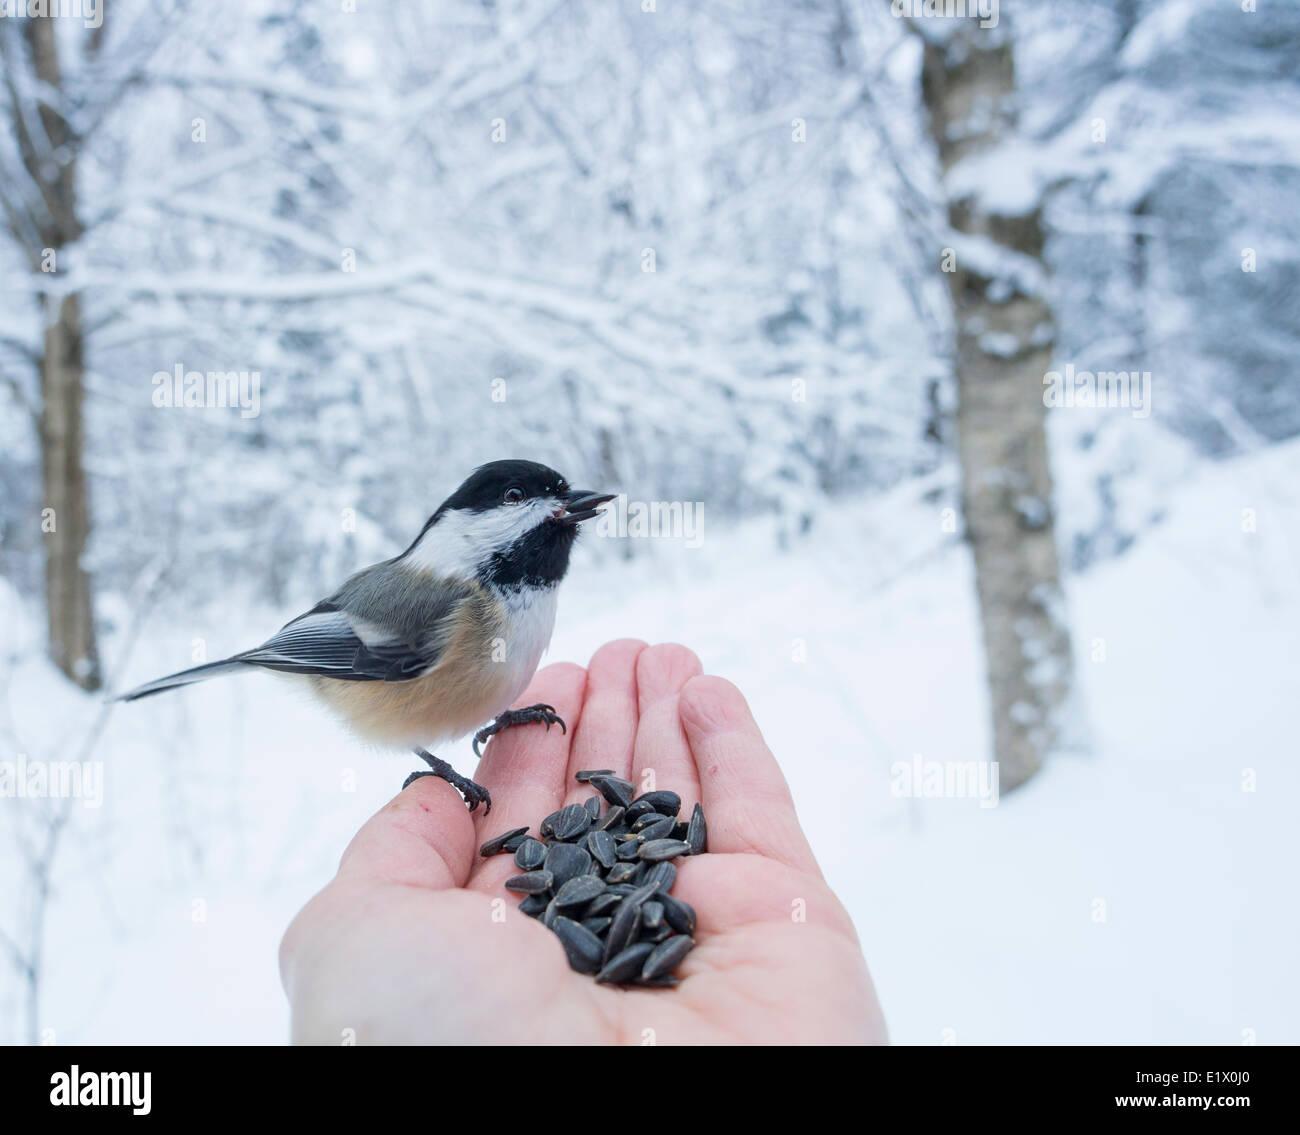 Schwarz-capped Chickadee (Poecile Atricapillus) ist ein kleines, nonmigratory, nordamerikanischen Singvogel, Hand füttern Stockfoto